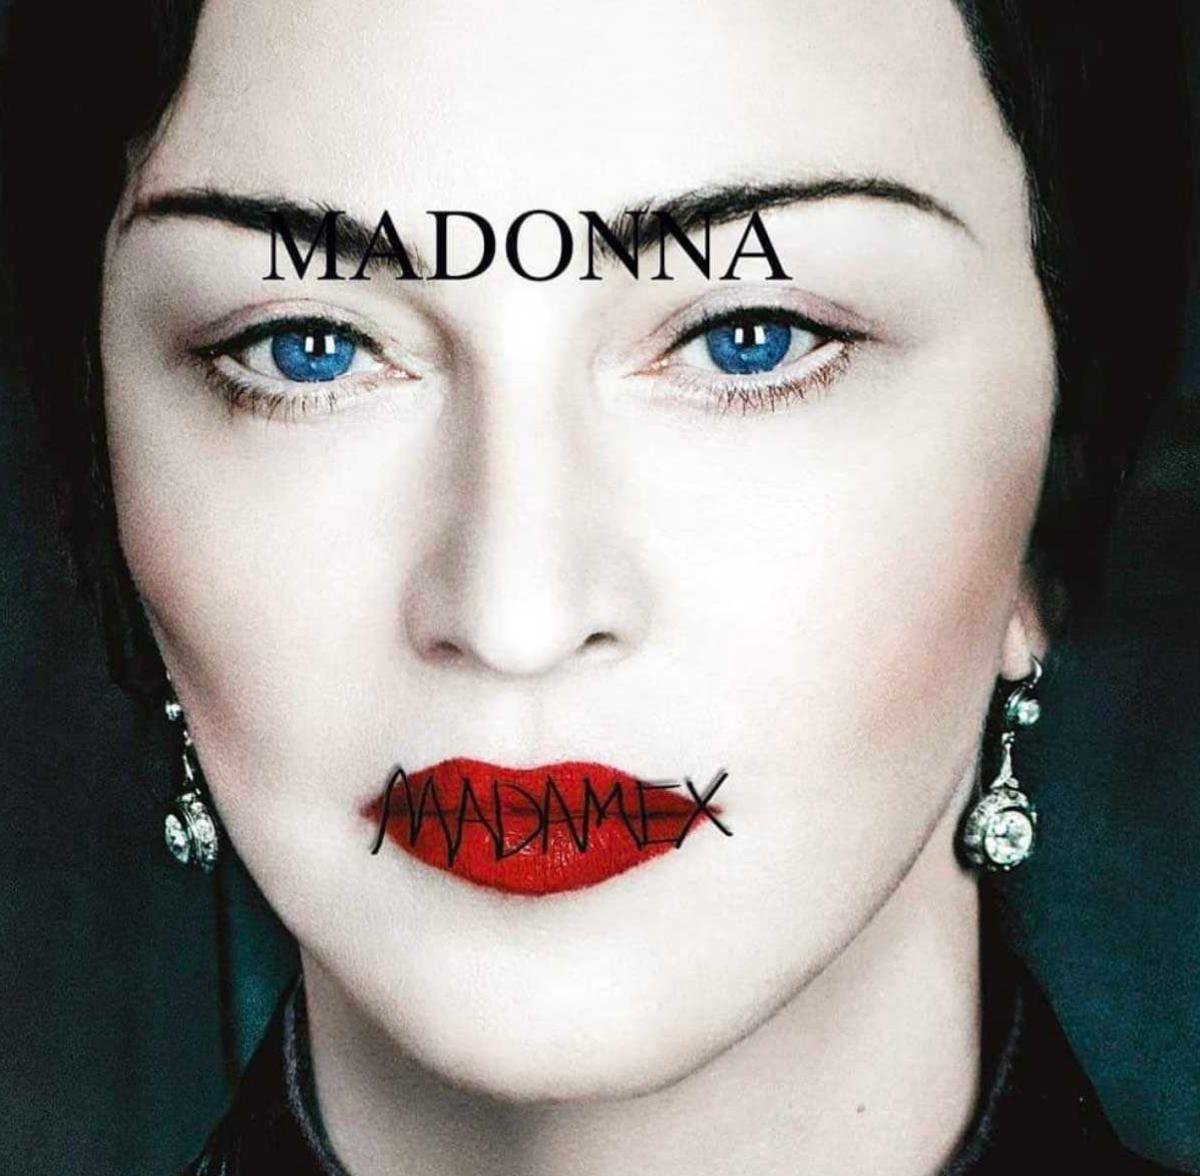 Medellin, il nuovo singolo di 'Madonna'  anticipa Madame-X-